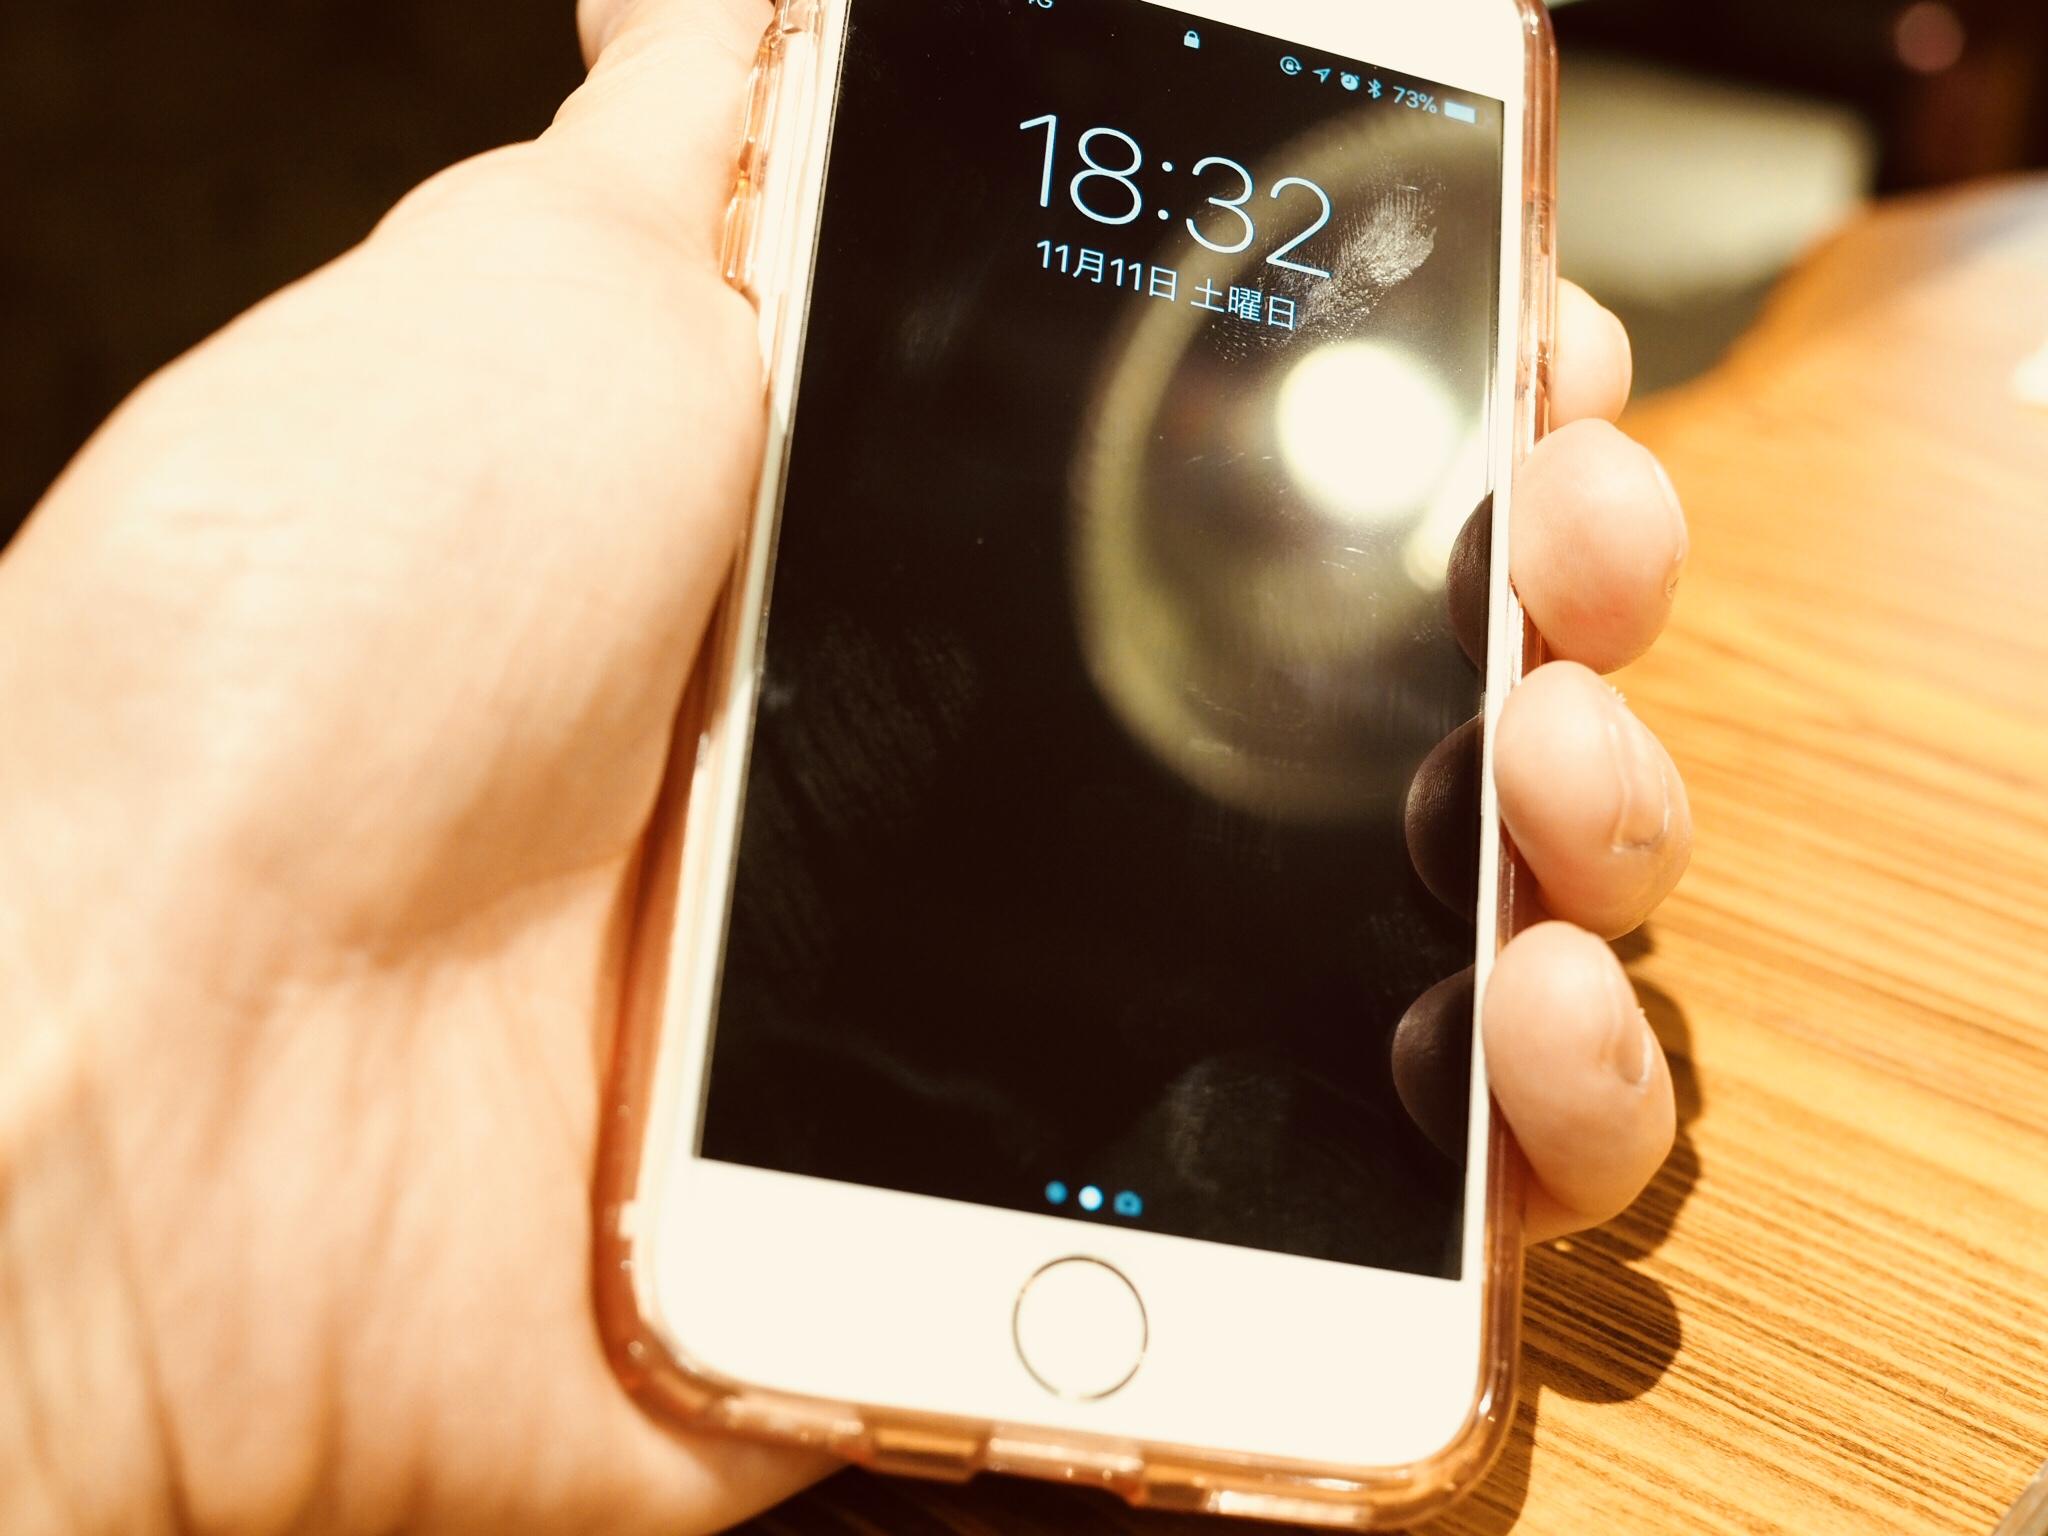 iPhoneのスリープボタンを押して、時刻を確認している